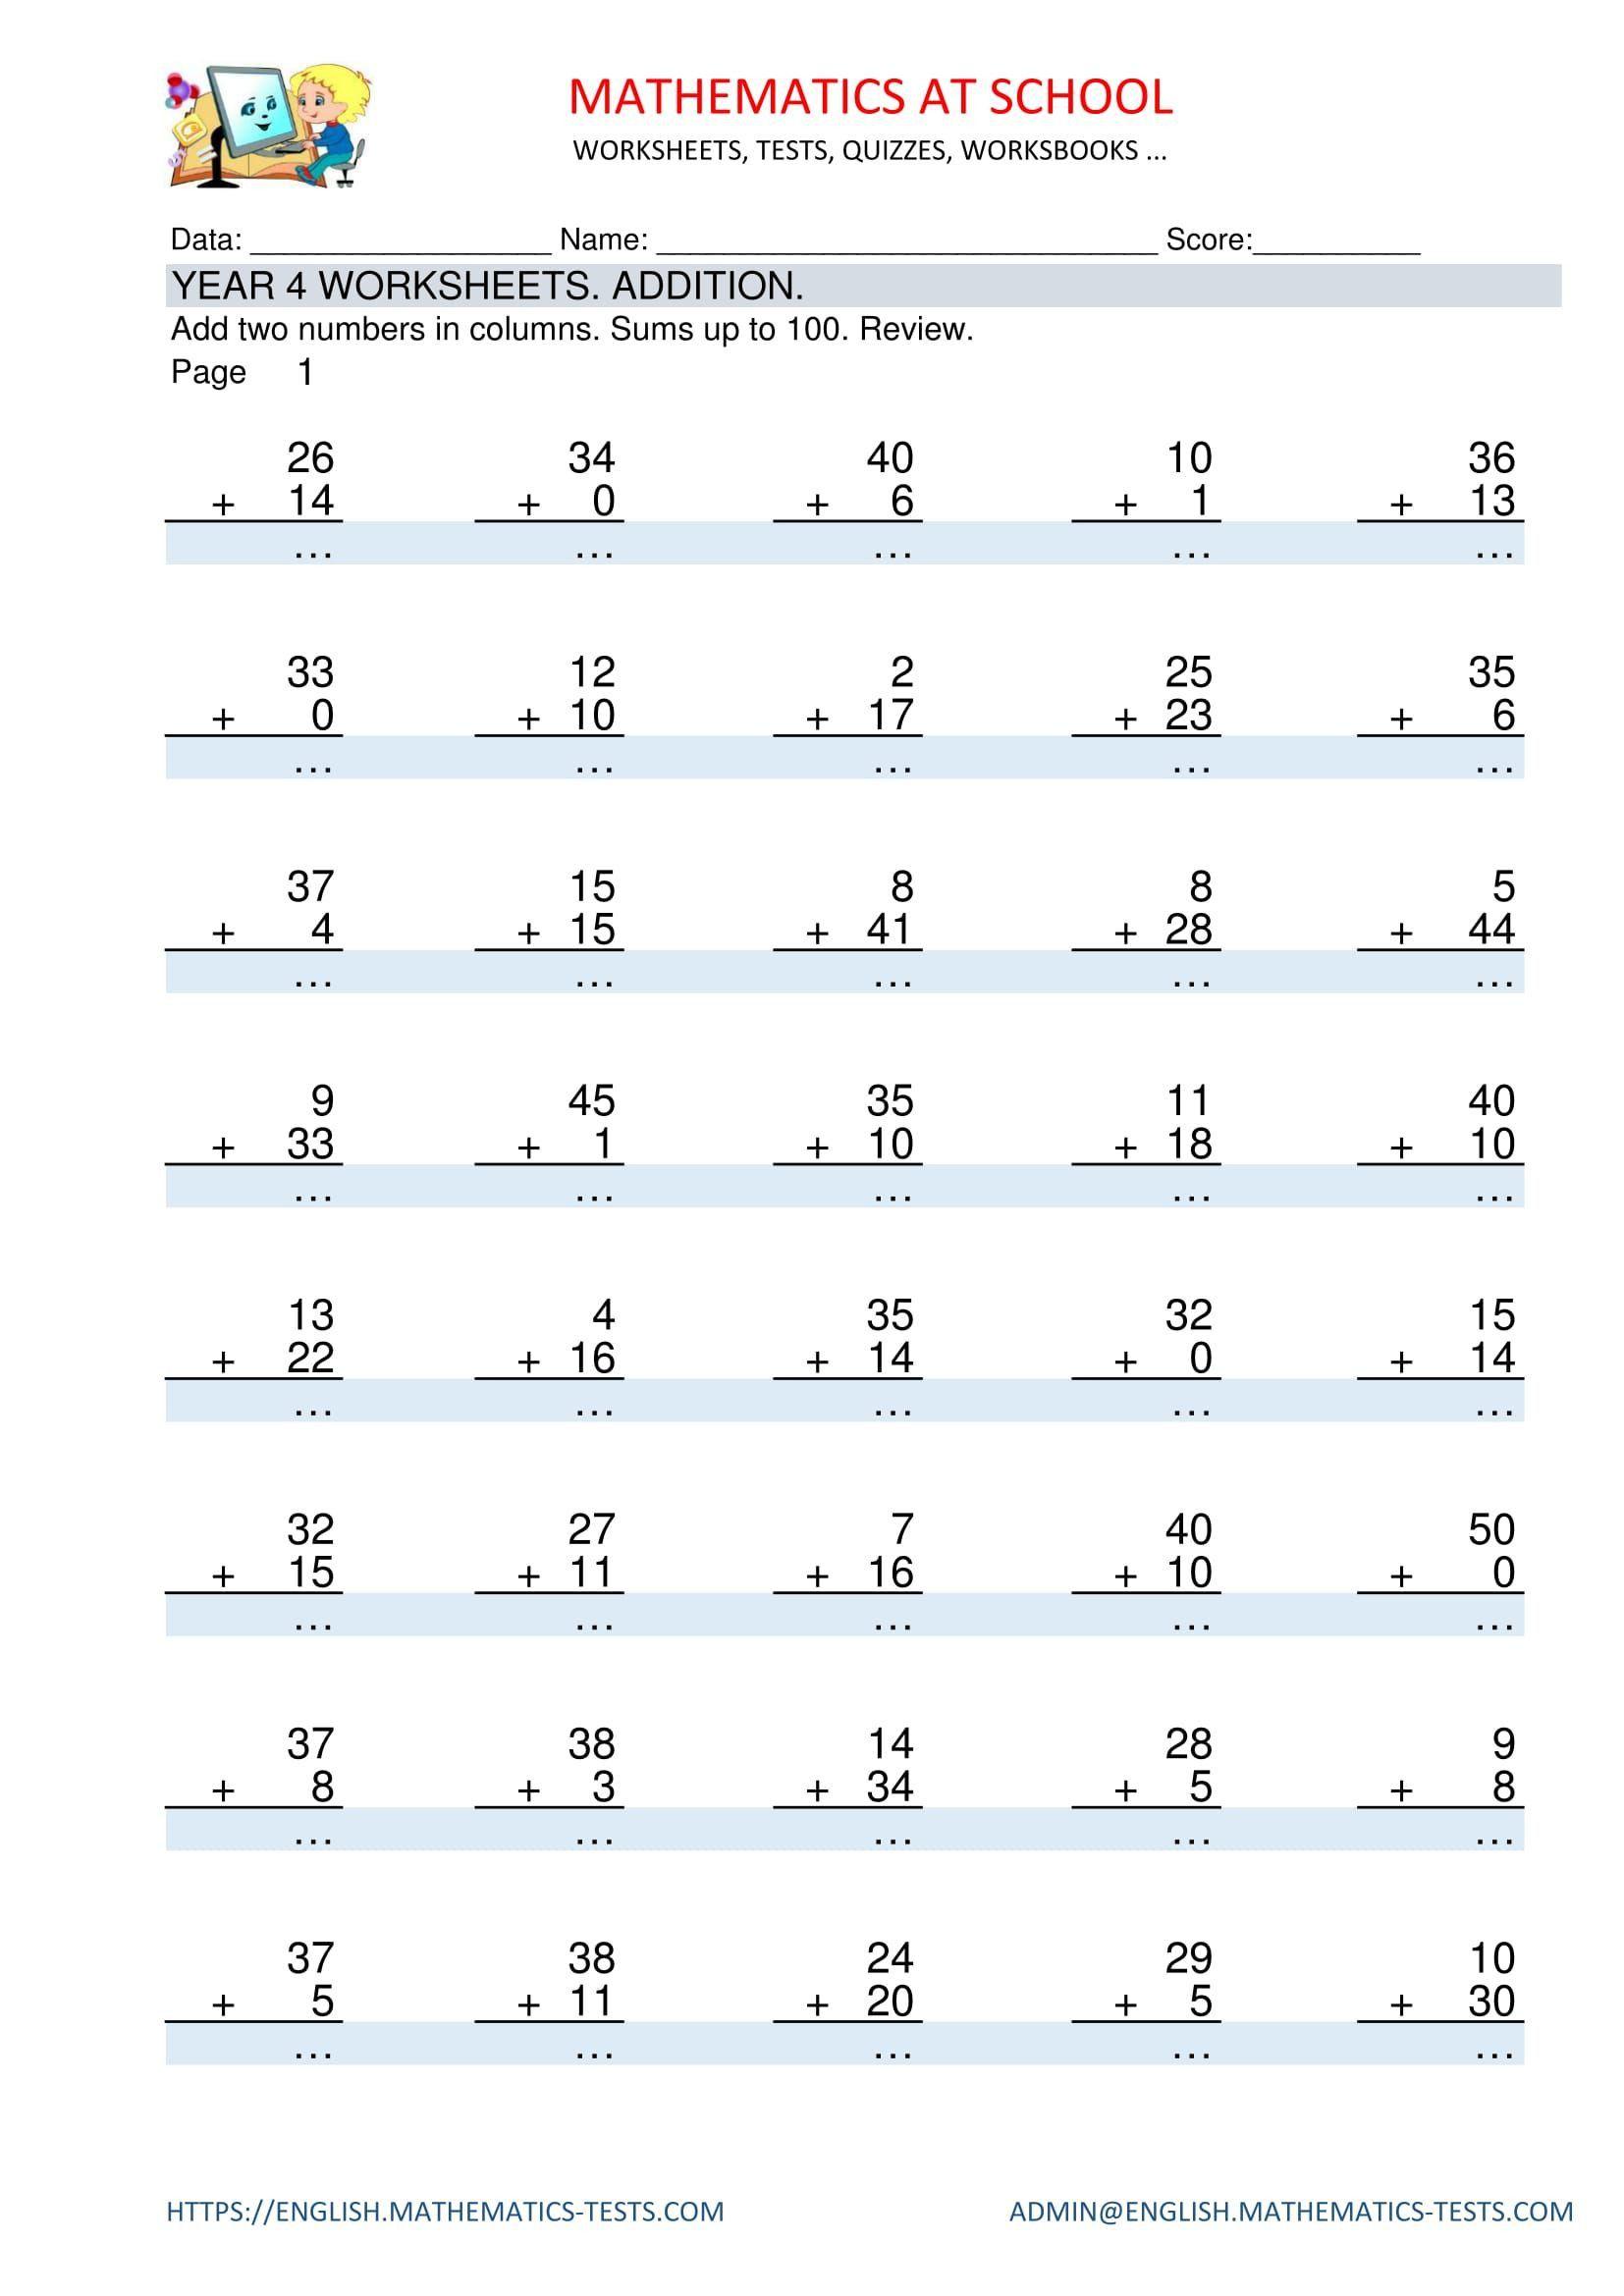 5 Free Math Worksheets First Grade 1 Addition Missing Addend Sum Under 20 8b2a3b90c070d56a48d 2nd Grade Worksheets Math Worksheets Number Worksheets [ 2339 x 1654 Pixel ]